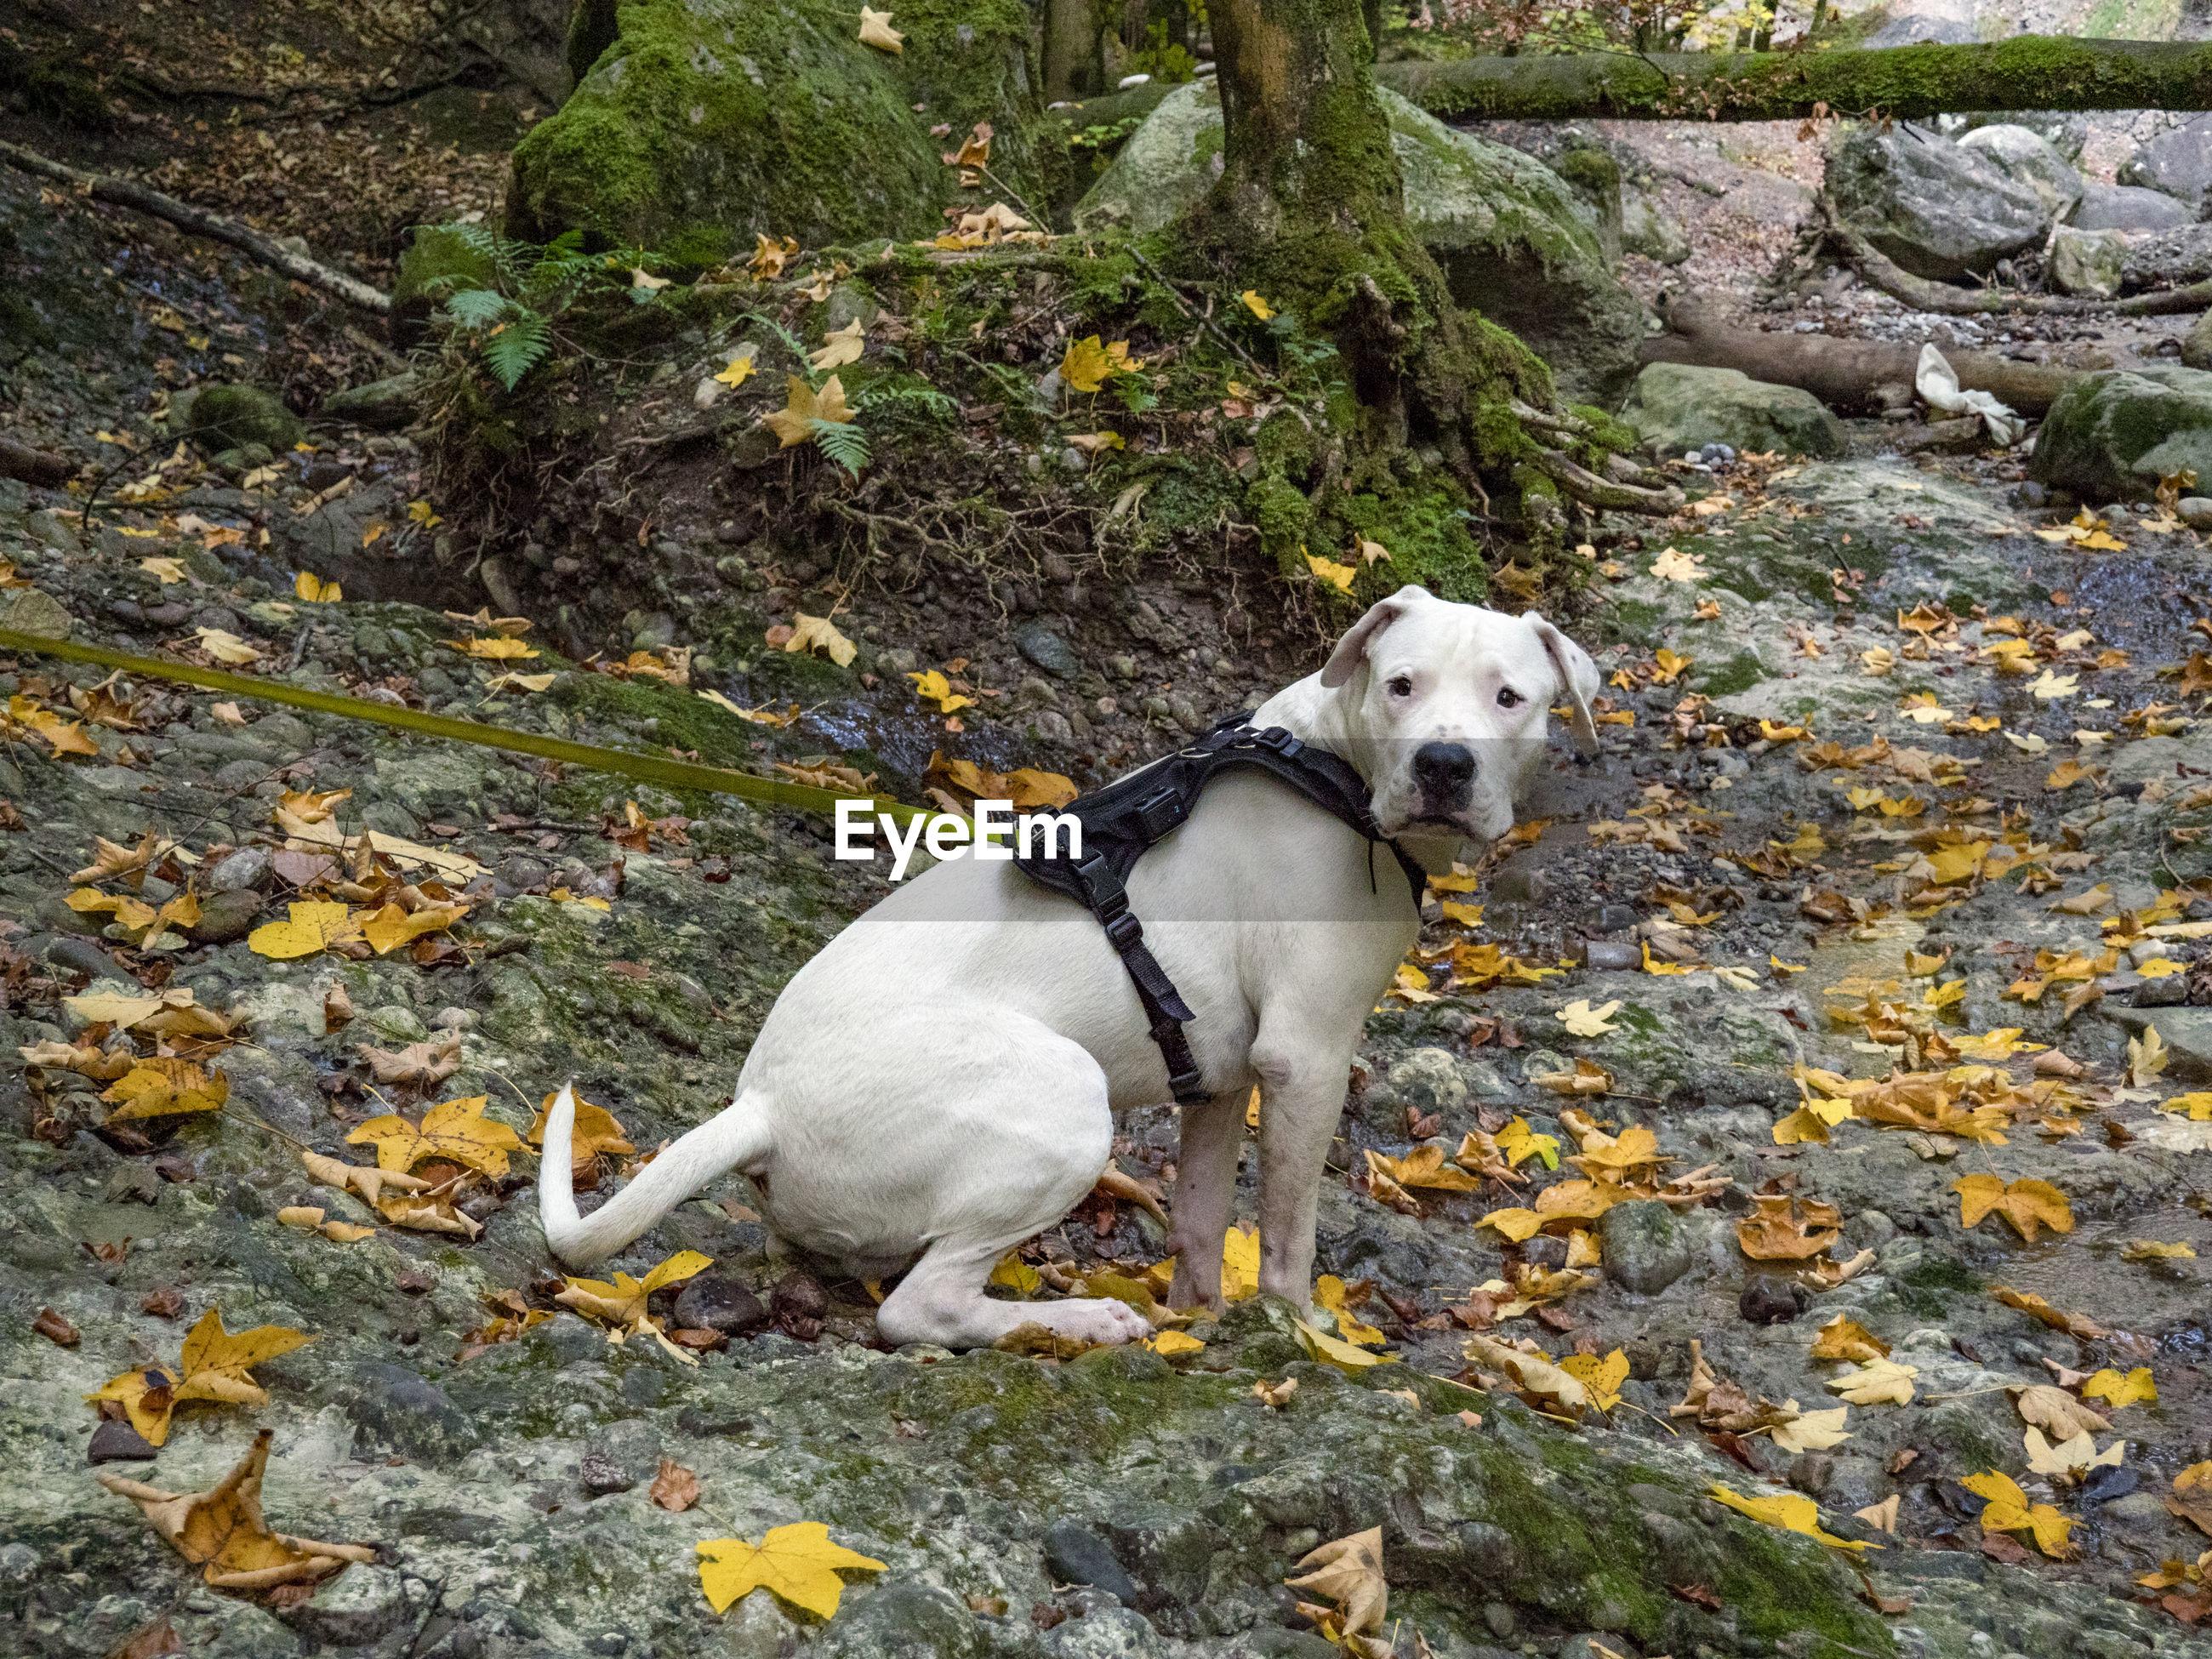 HIGH ANGLE VIEW OF DOG ON ROCKS